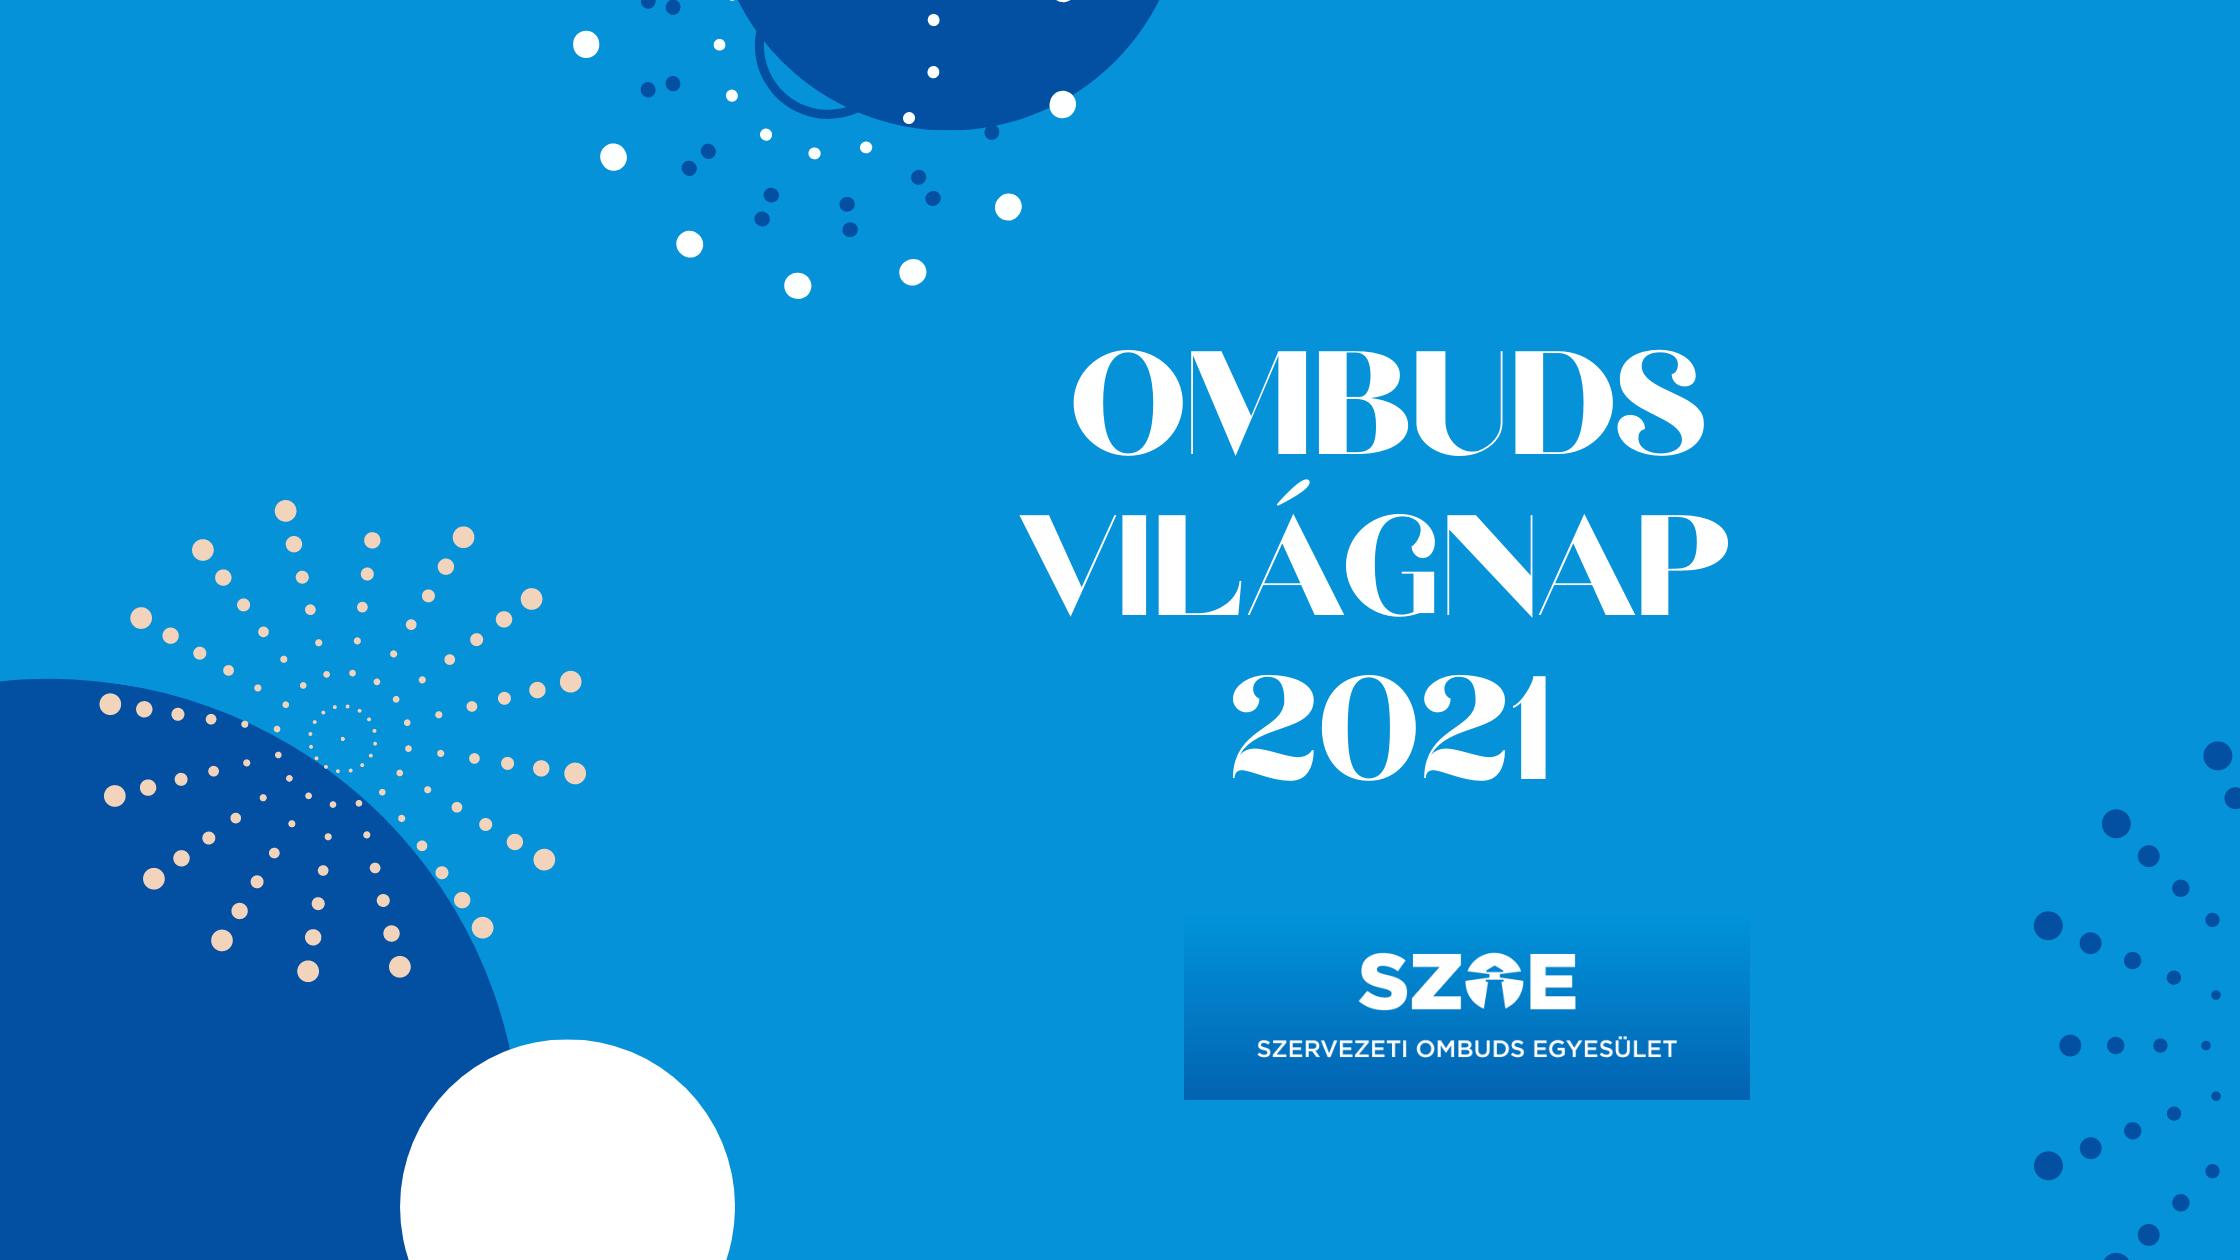 Ombuds Világnap 2021